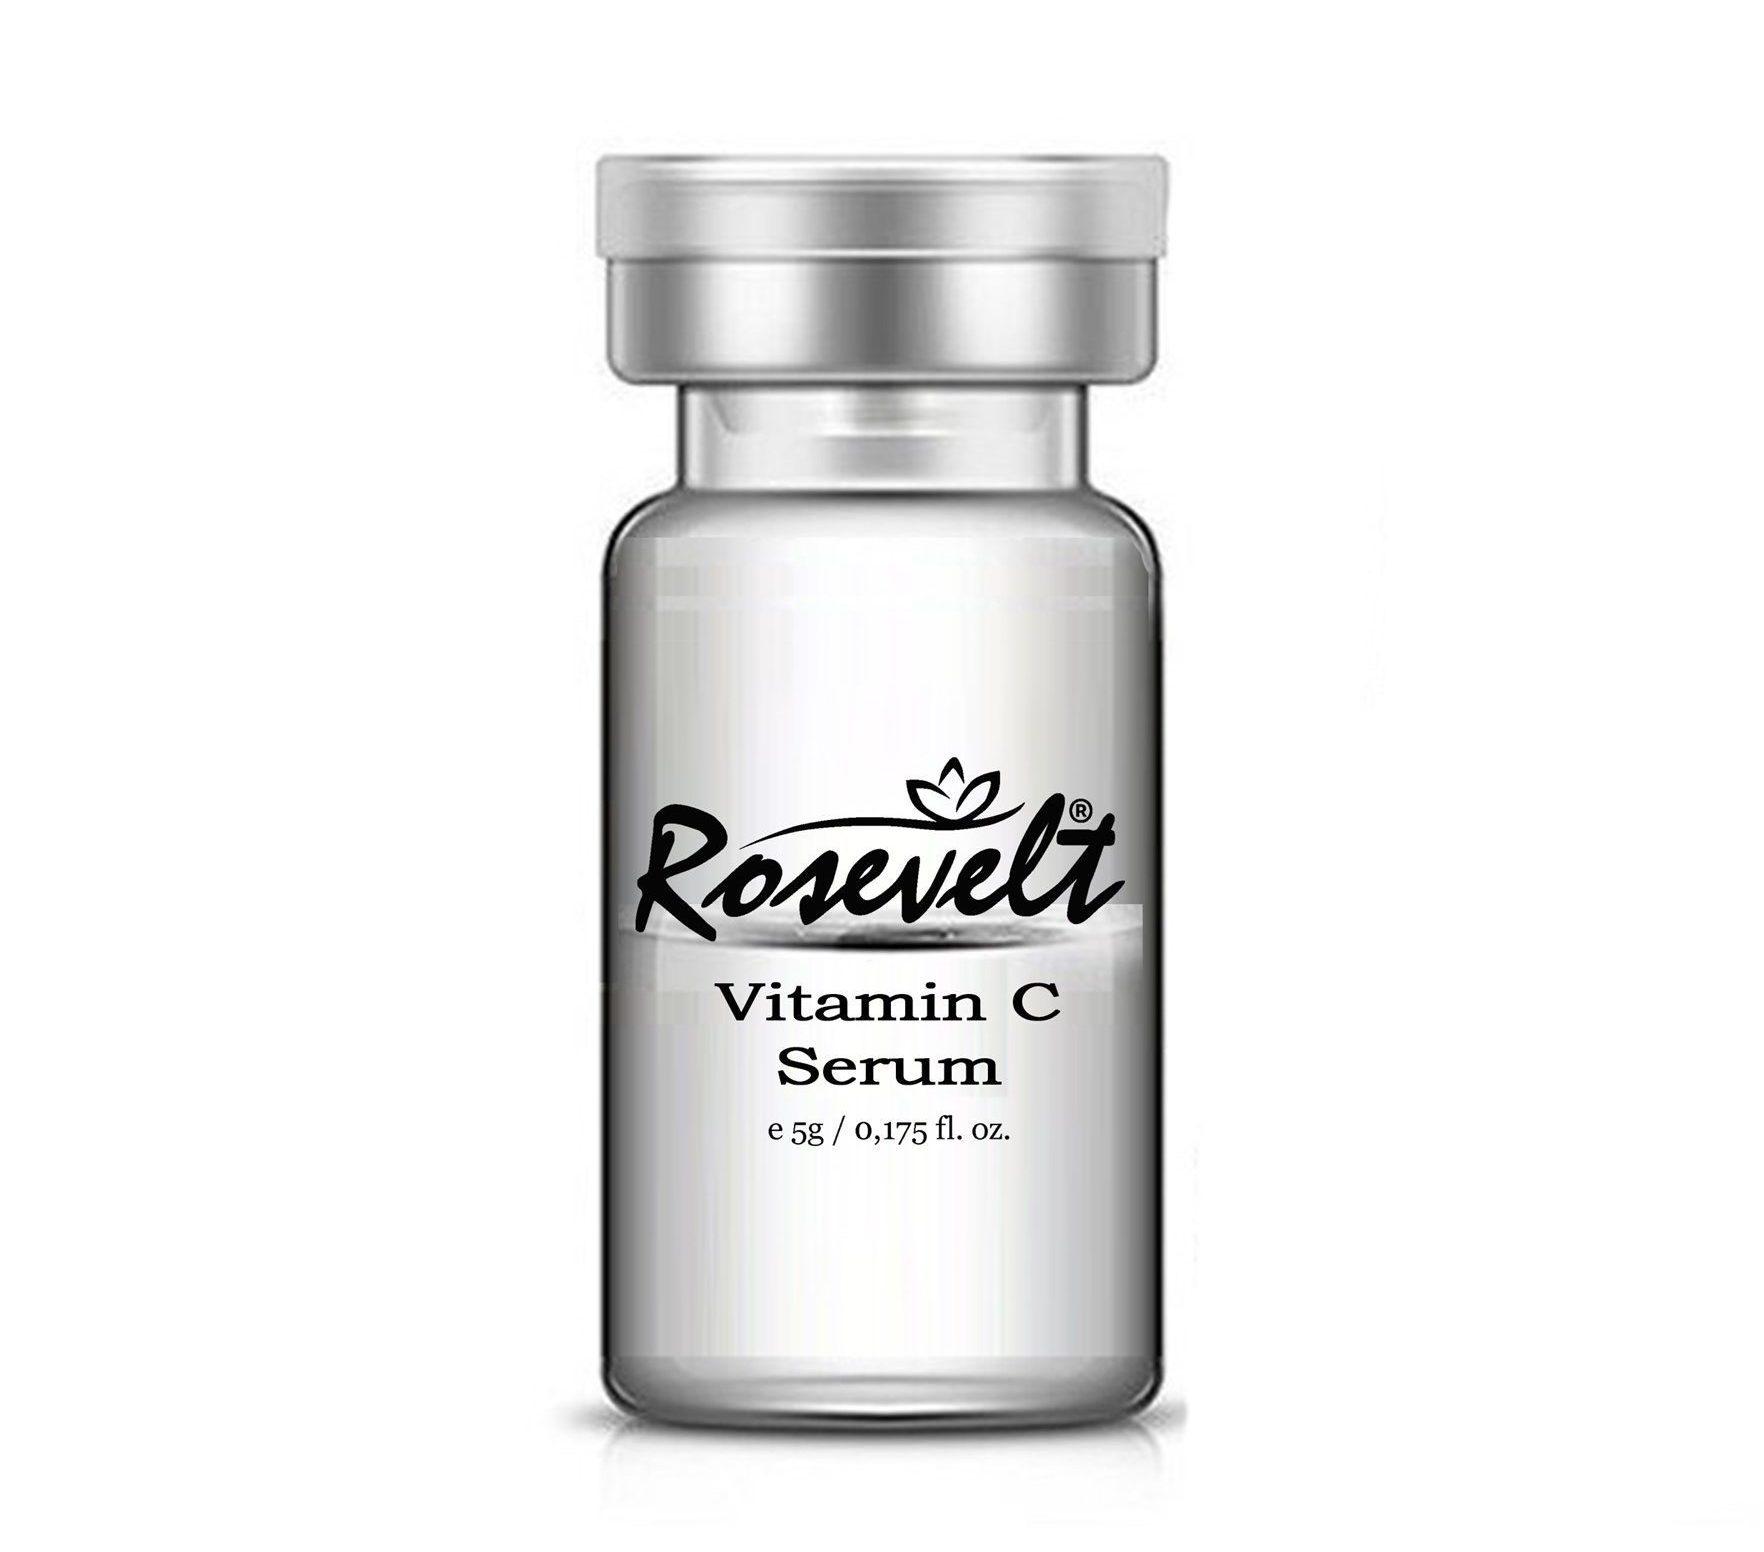 3a46c35815ce4360aec64eb2f50187fd e1615672852971 - Rosevelt C Vitamin Complex Serum Kutu 5 Ml X 10 Ad Dermaroller Dermapen Serisi